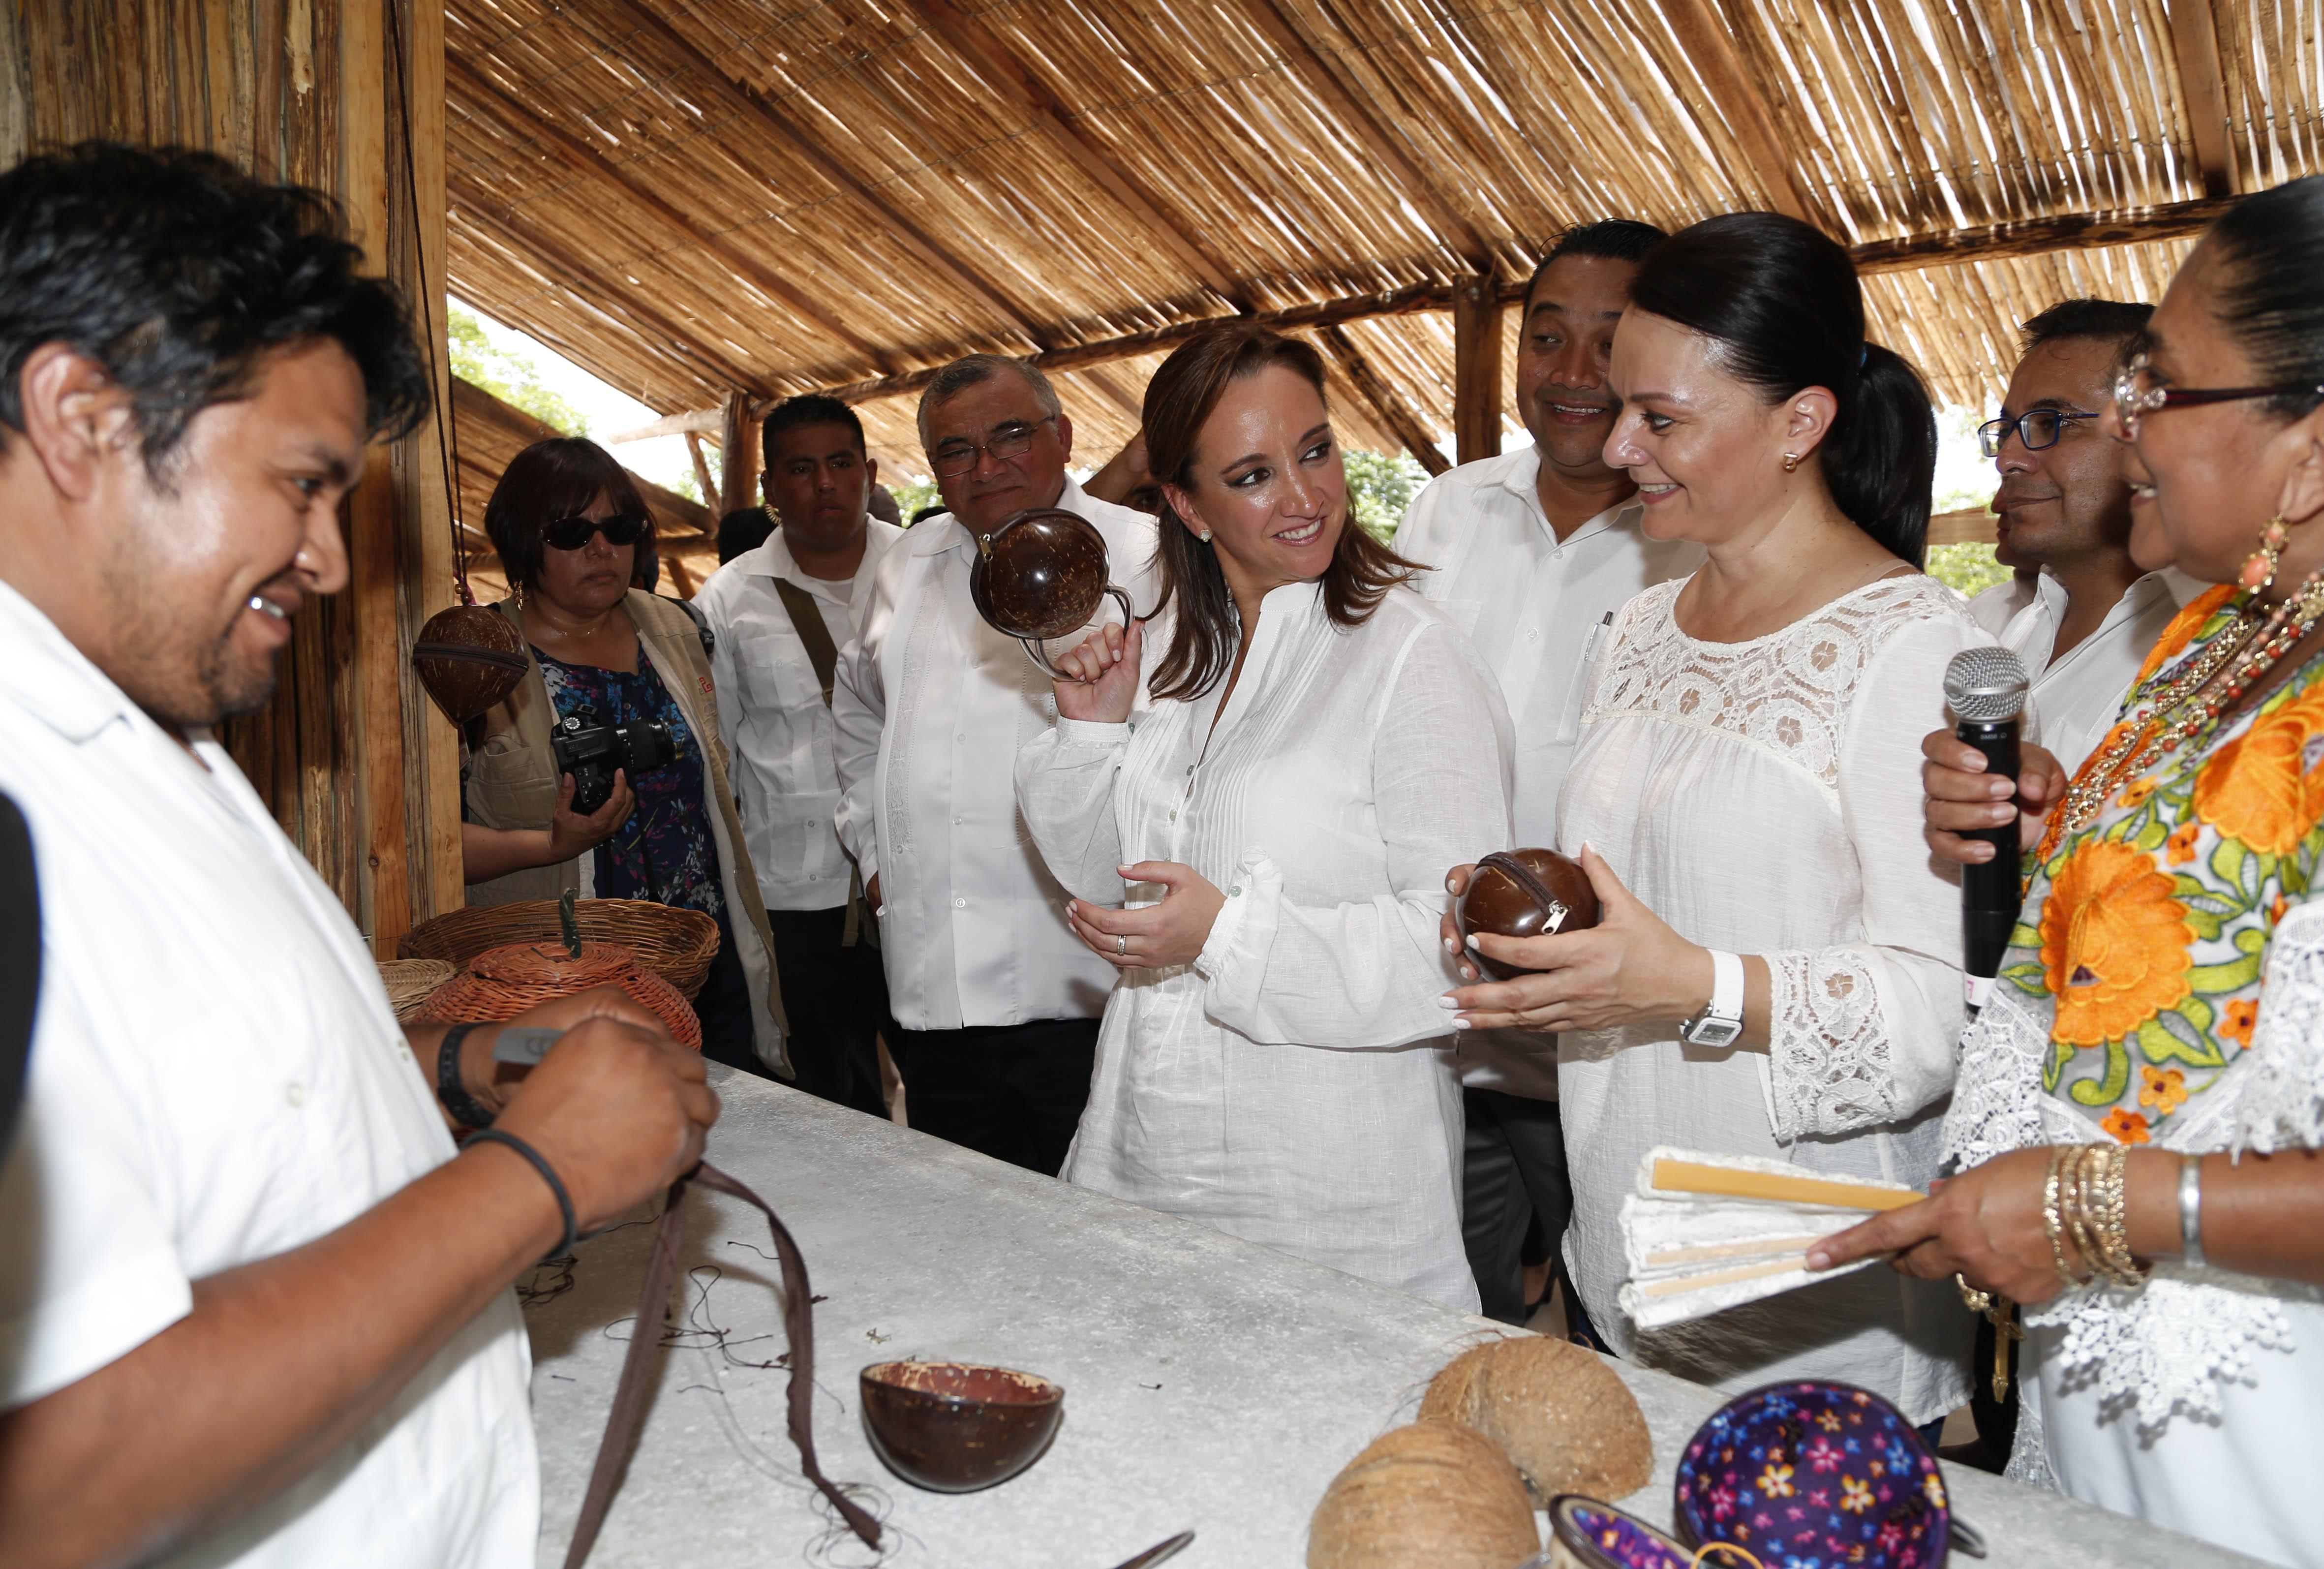 La Secretaria de Turismo, Claudia Ruiz Massieu, en conjunto con la CDI destinan recursos para proyectos ecoturísticos emprendidos por comunidades indígenas de los estados de Yucatán, Campeche y Quintana Roo.